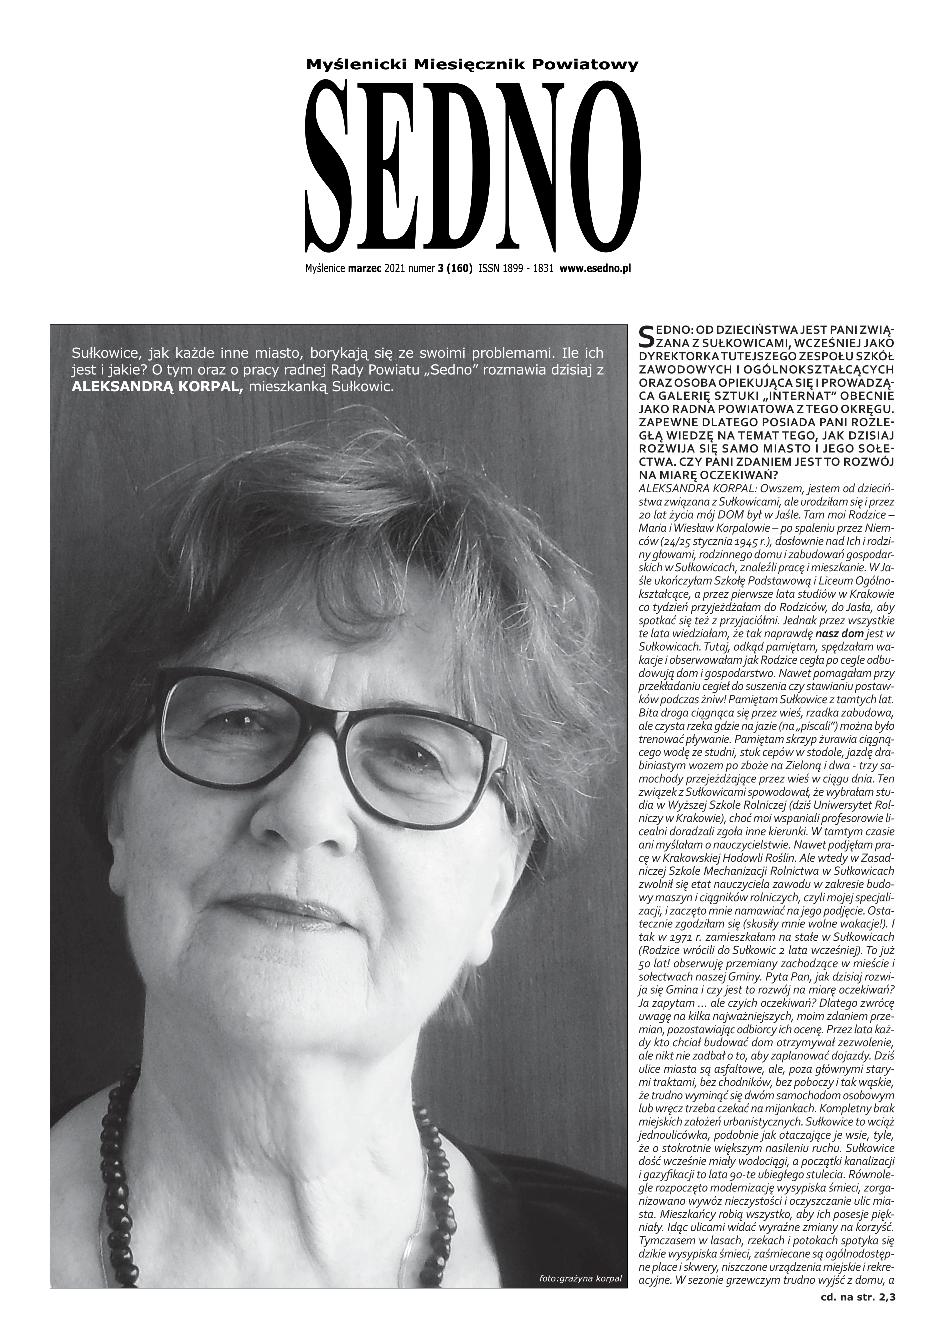 Sedno Marzec 2021 numer 3